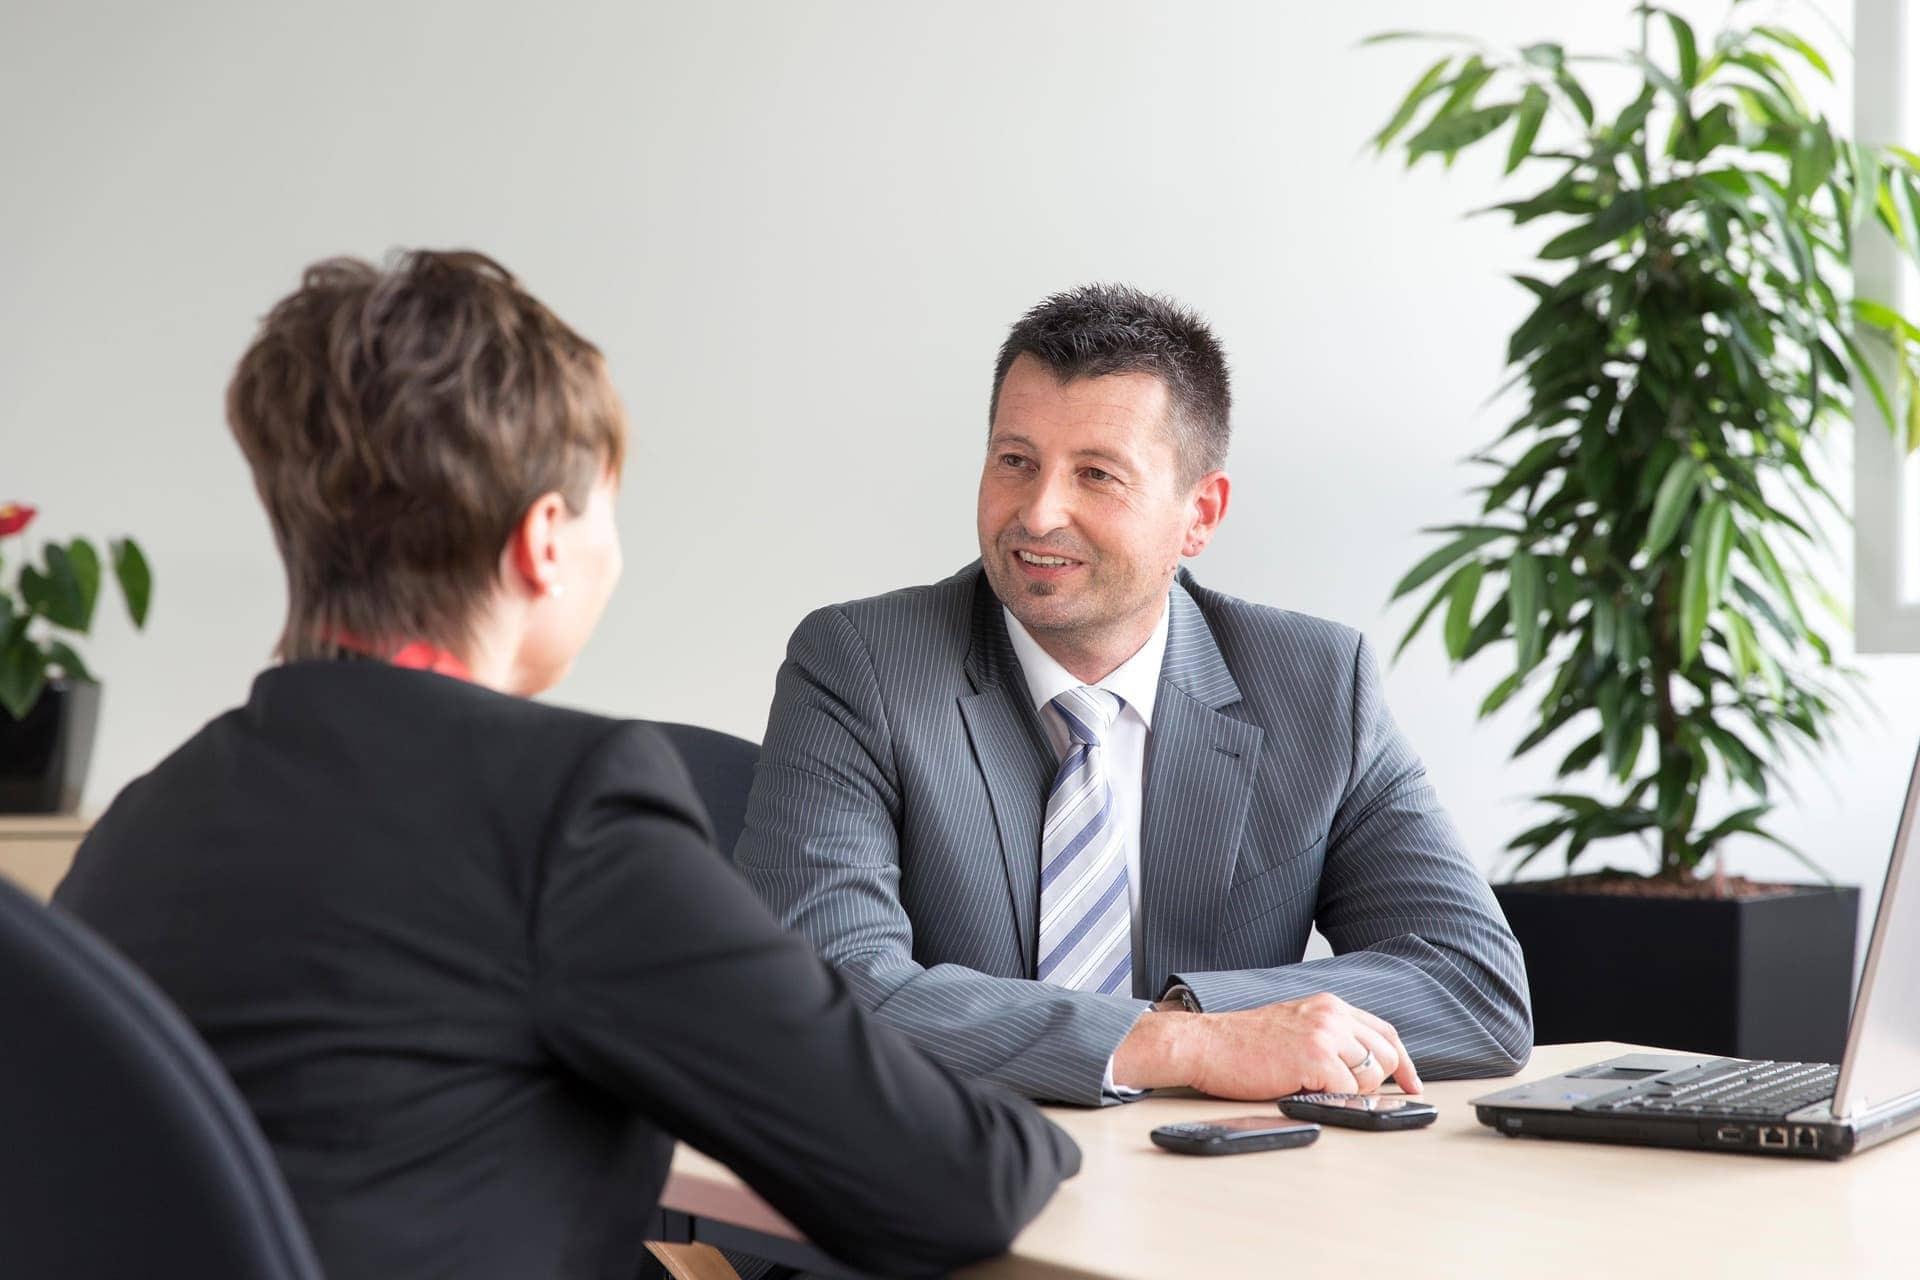 Angebot der Agentur für Arbeit in Regensburg Welche Unterstützung gibt es für Ihre Weiterbildung? Beratungsservice im Berufsinformationszentrum